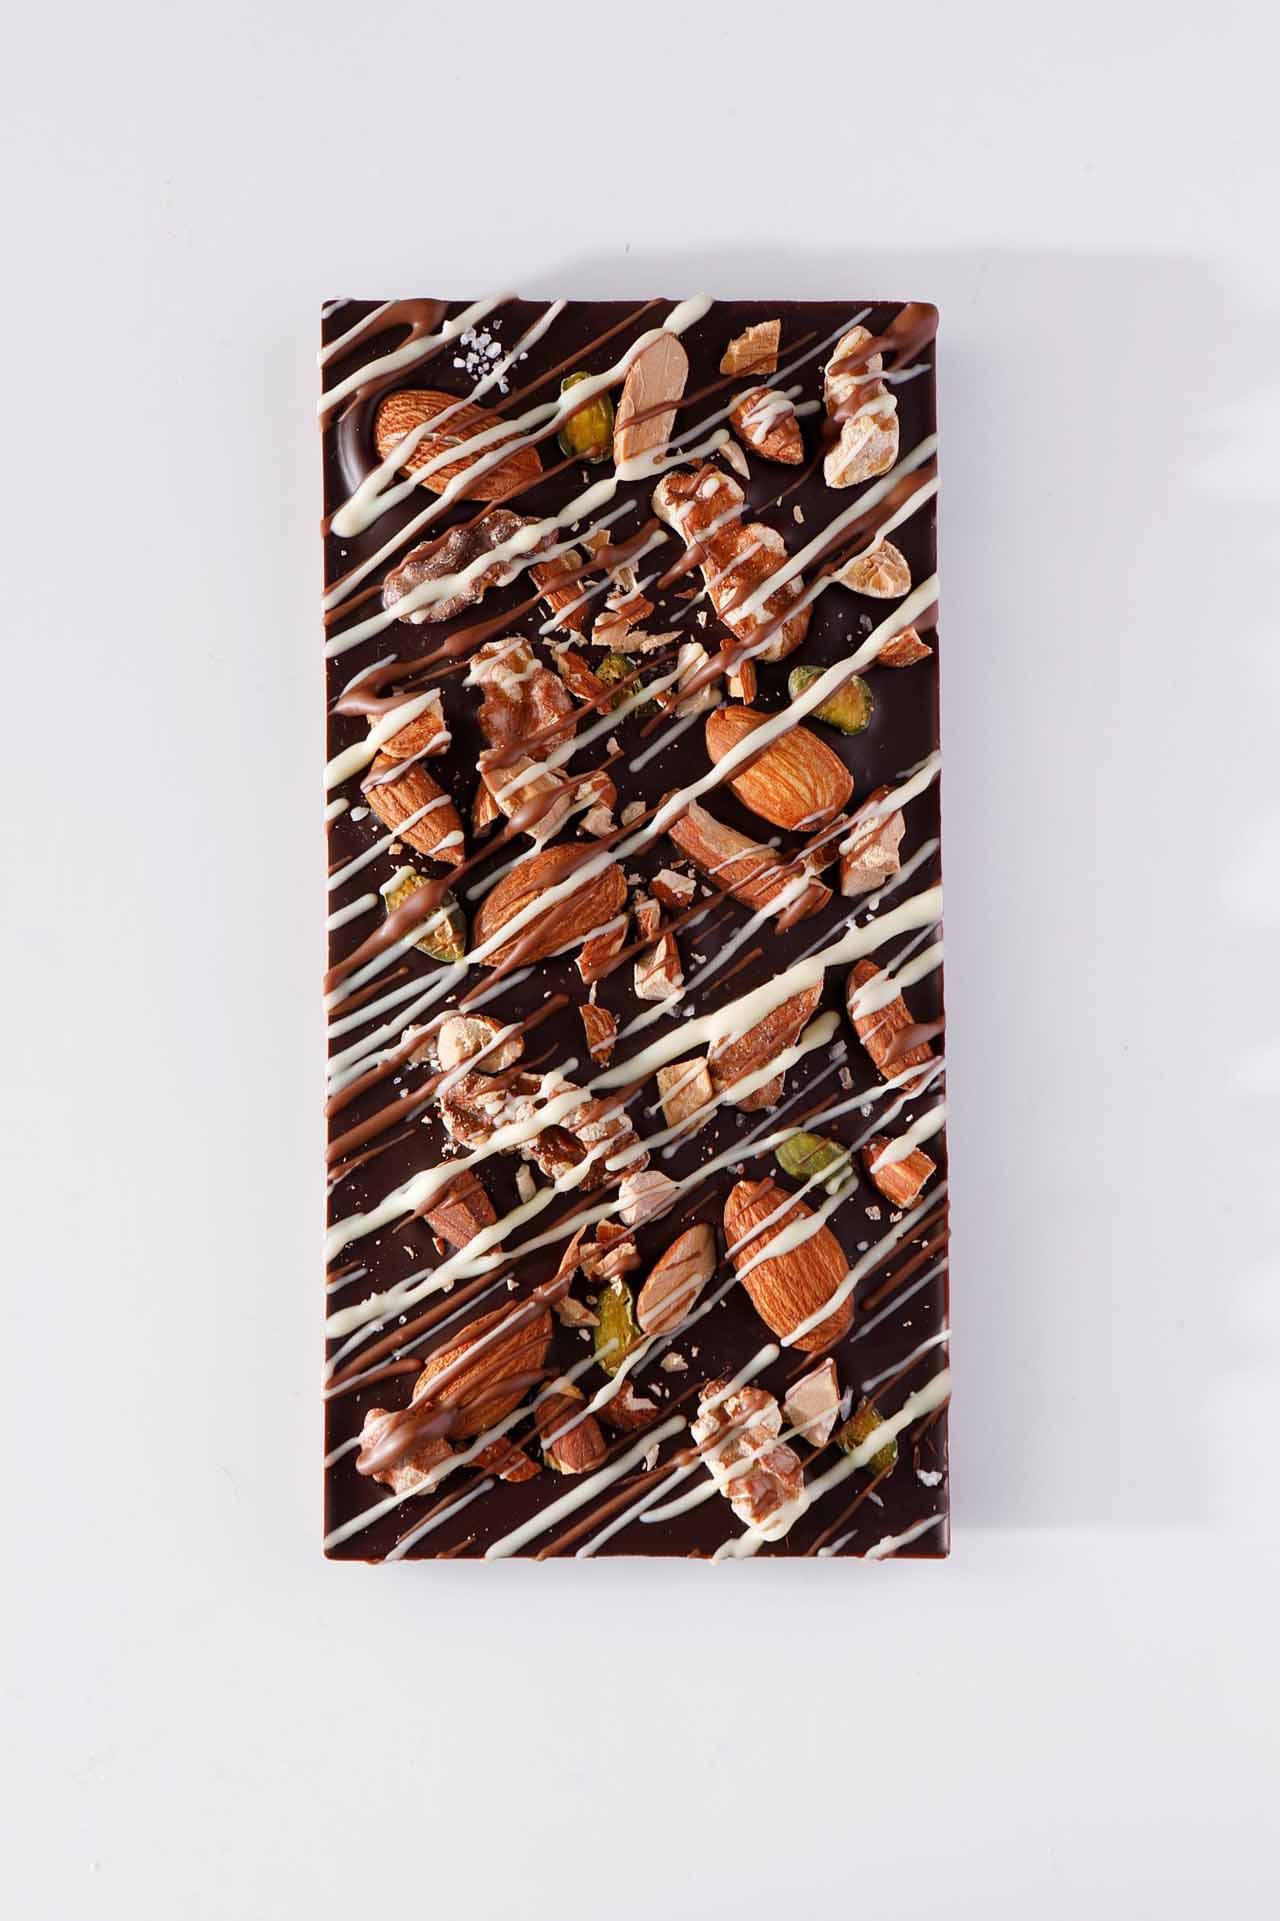 「ハンドクラフト タブレット チョコレート [アーモンド]」